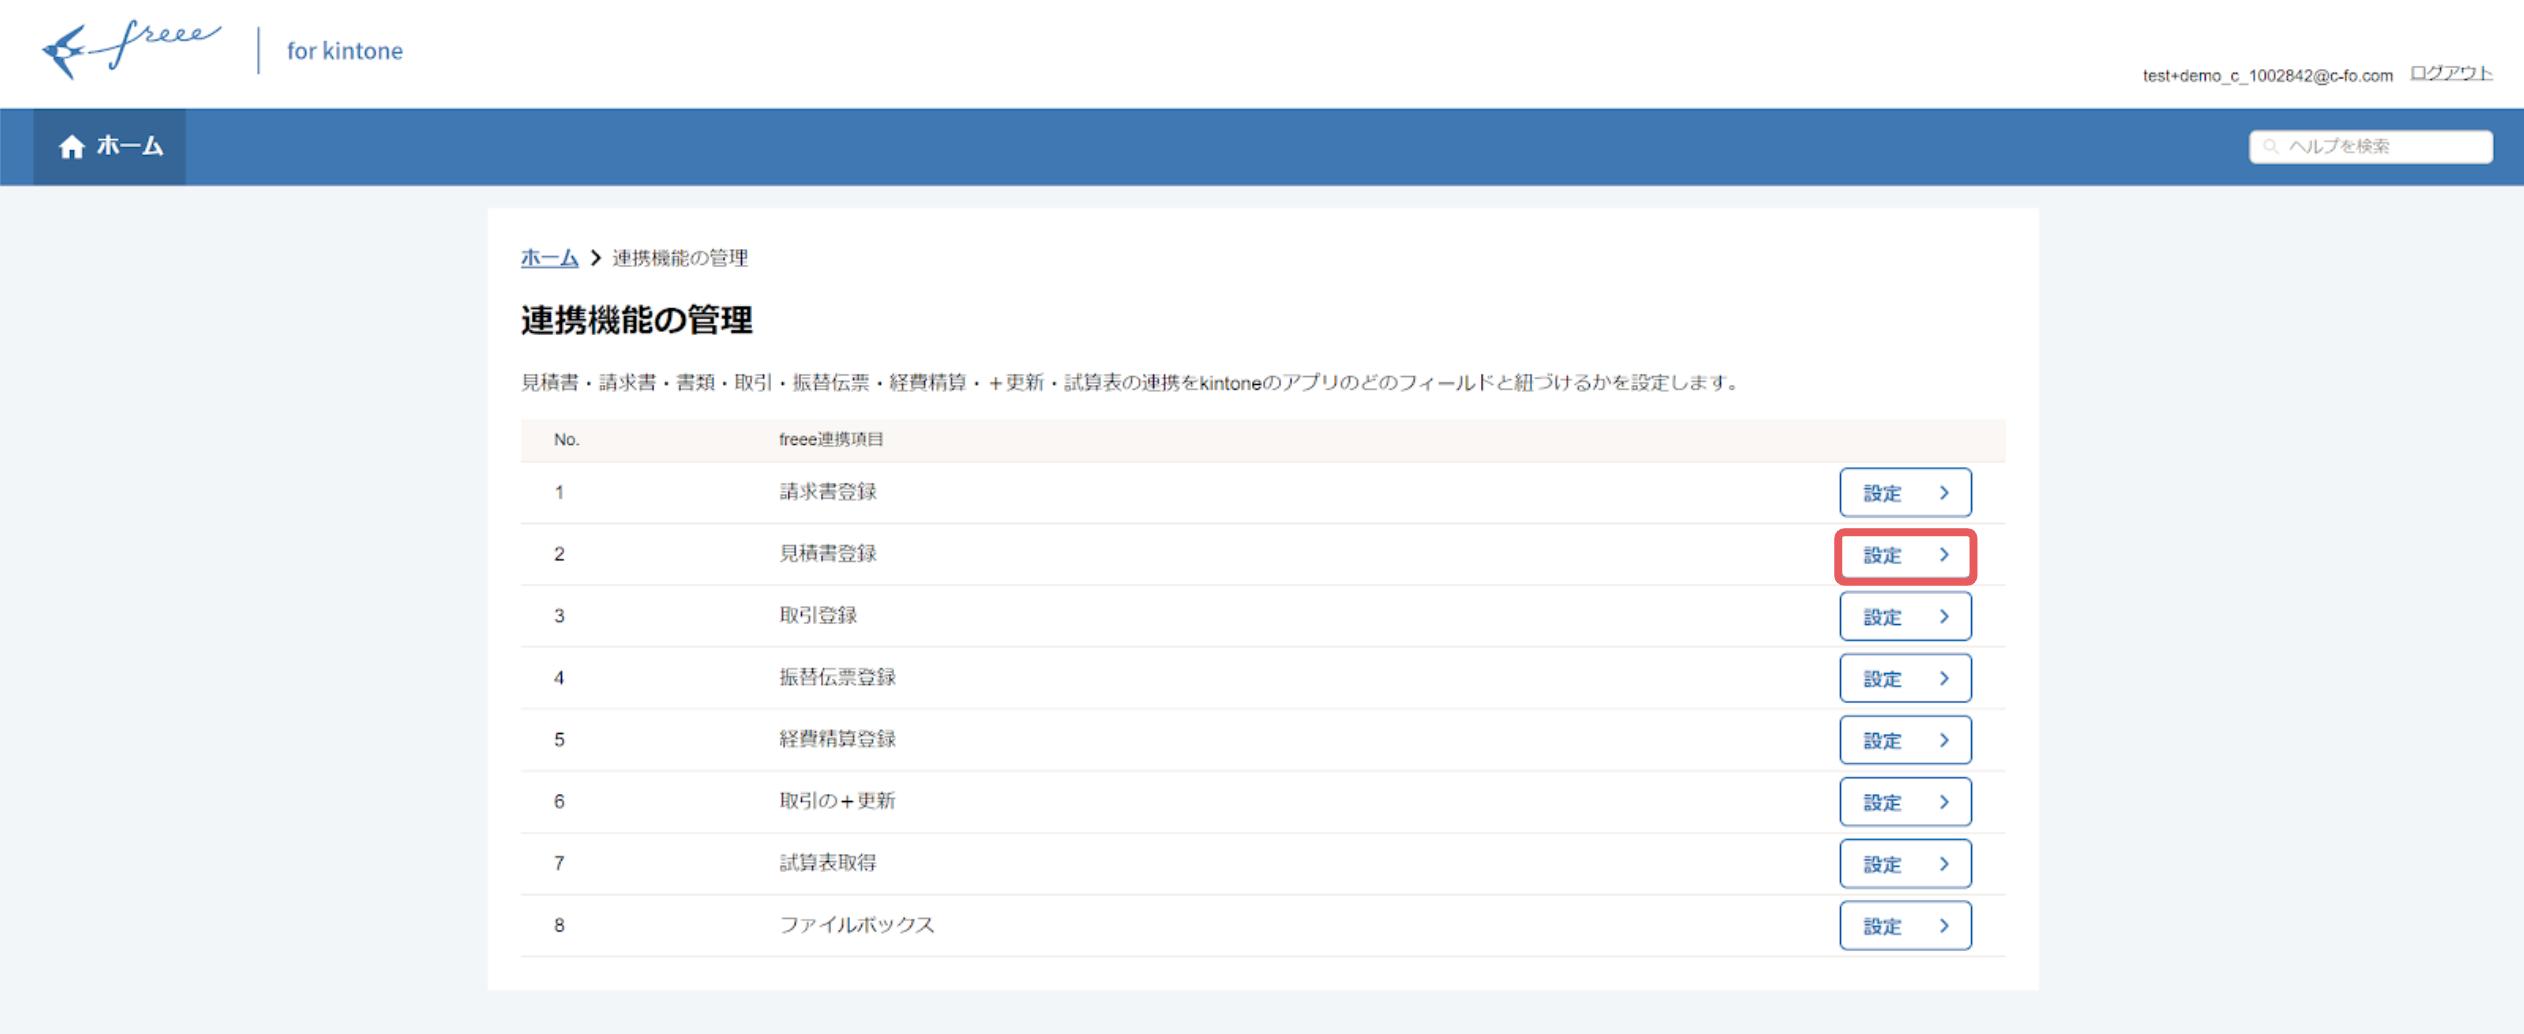 Screen_Shot_2020-07-10_at_12.01.39.png